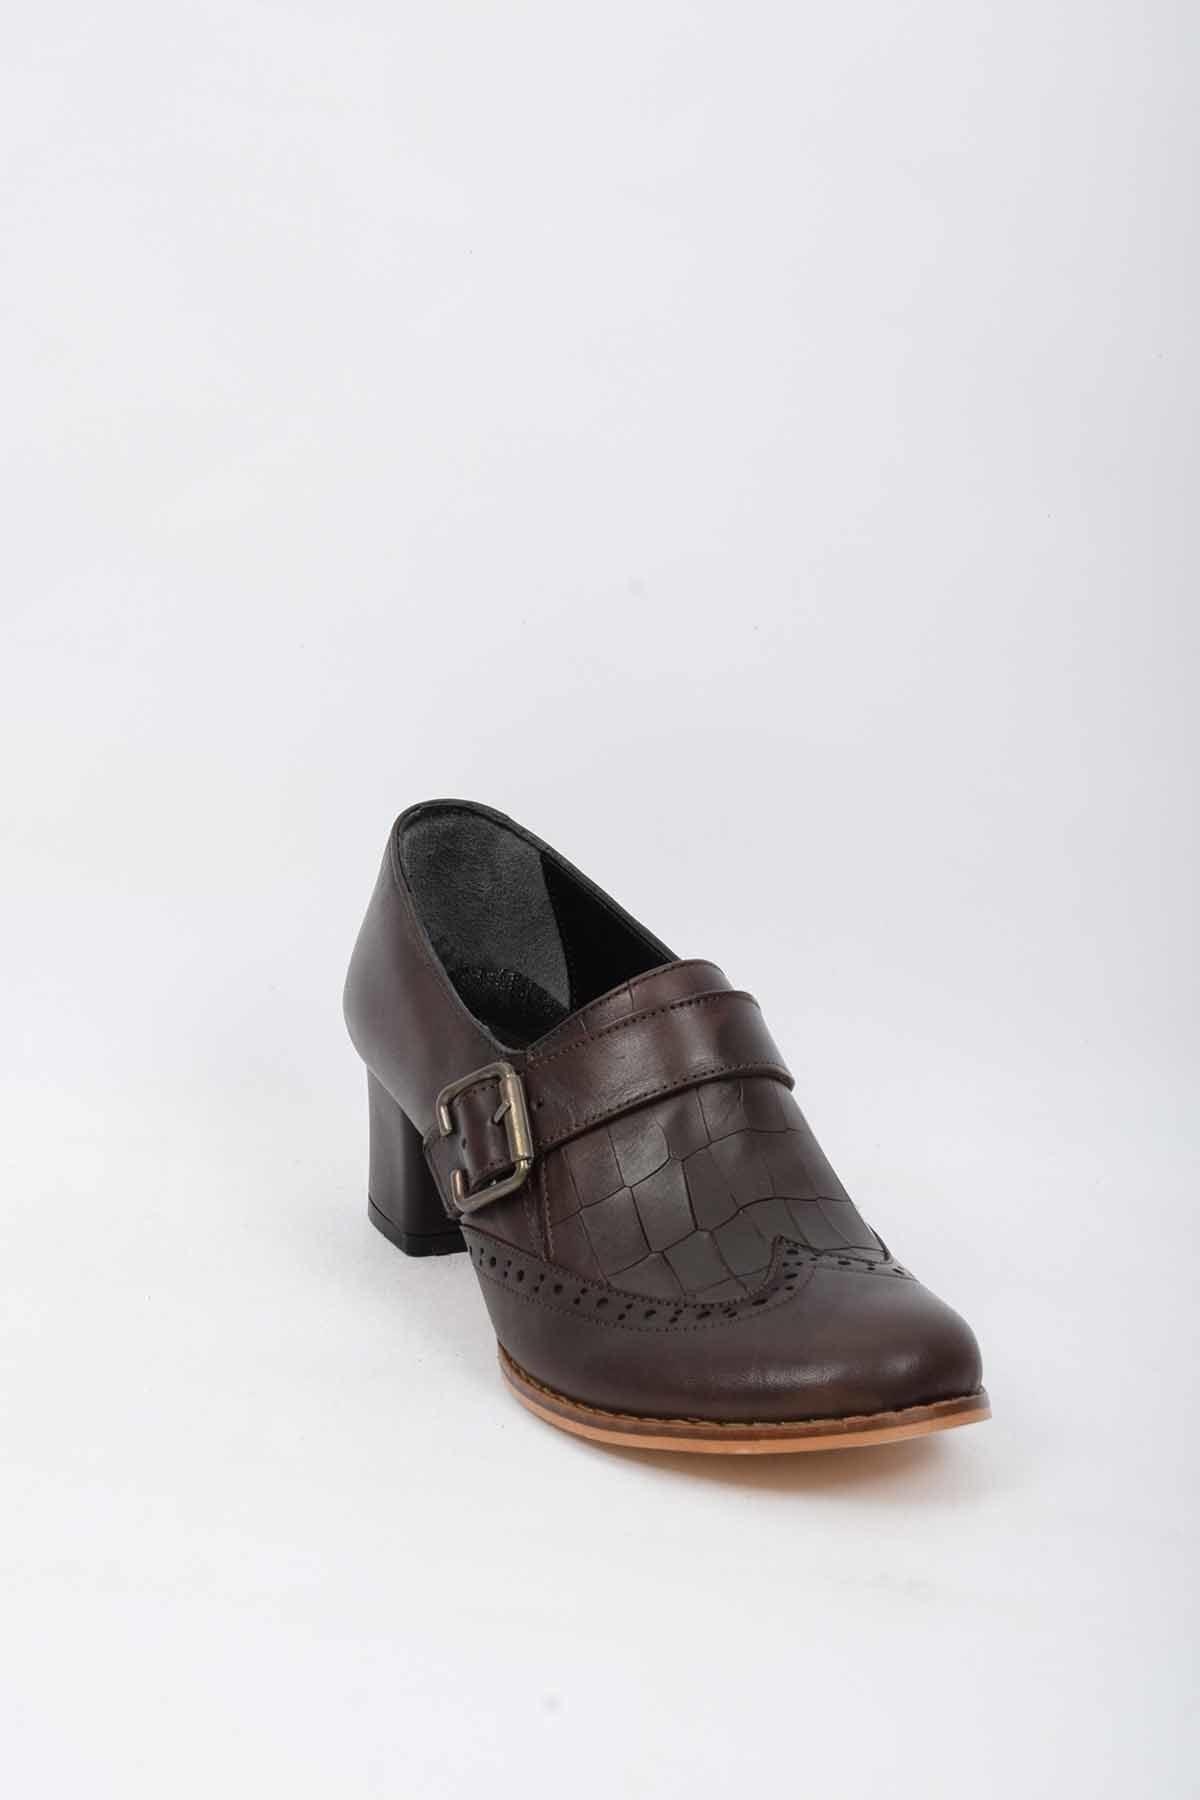 CHELSY Hakiki Deri Kadın Klasik Topuklu Ayakkabı 2